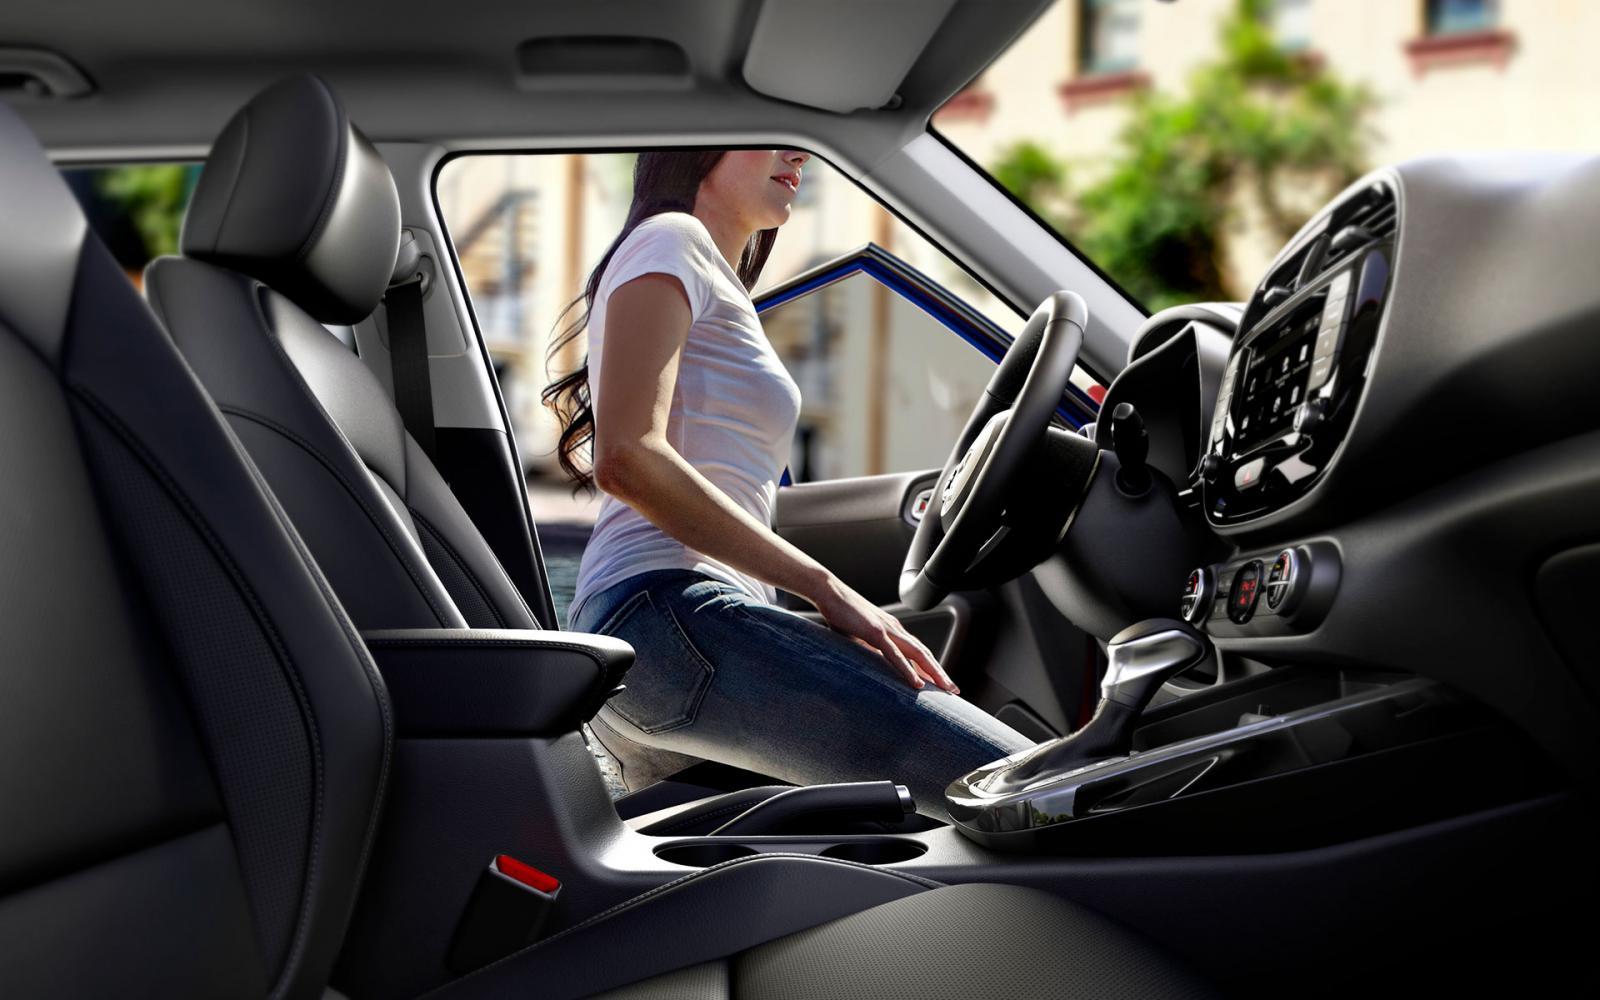 El Kia Soul EX Pack 2020 tiene una cabina muy espaciosa para sus dimensiones reducidas